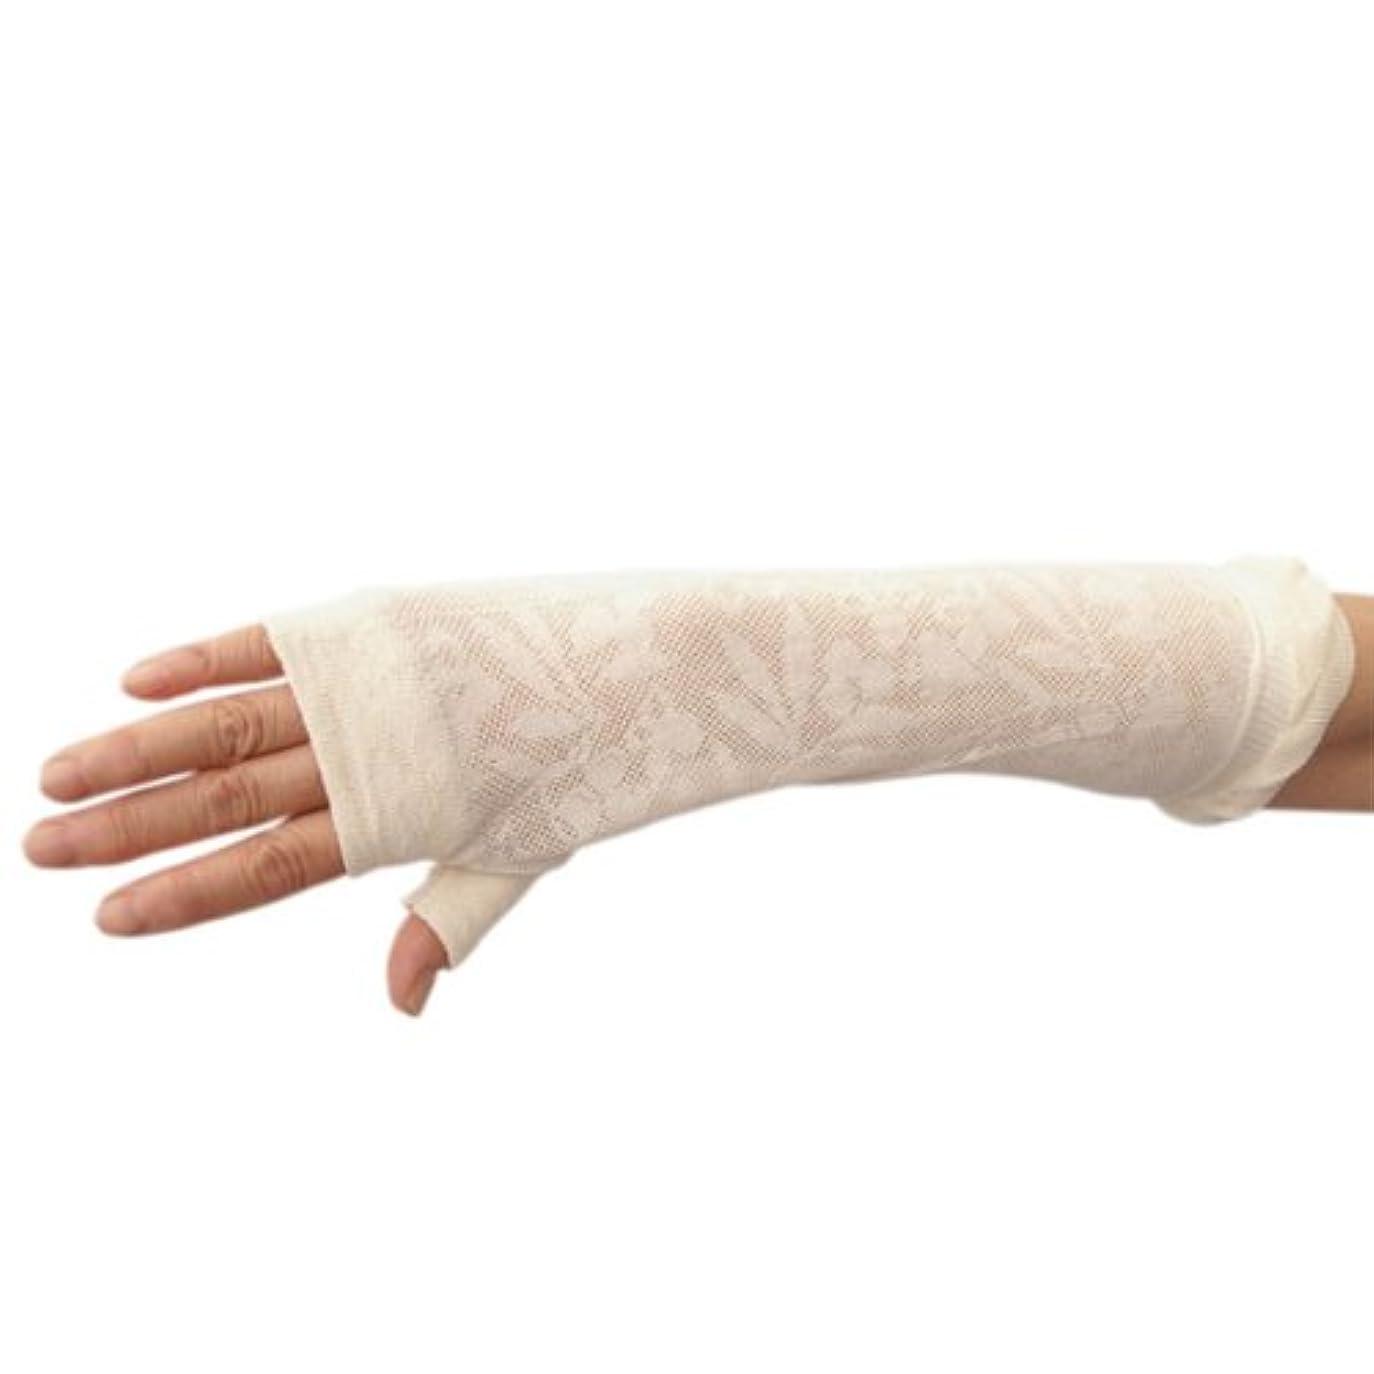 マイク郵便番号上がるUVカット効果のあるオーガニックコットン オリーブ柄ミドル丈指なし手袋アイボリー